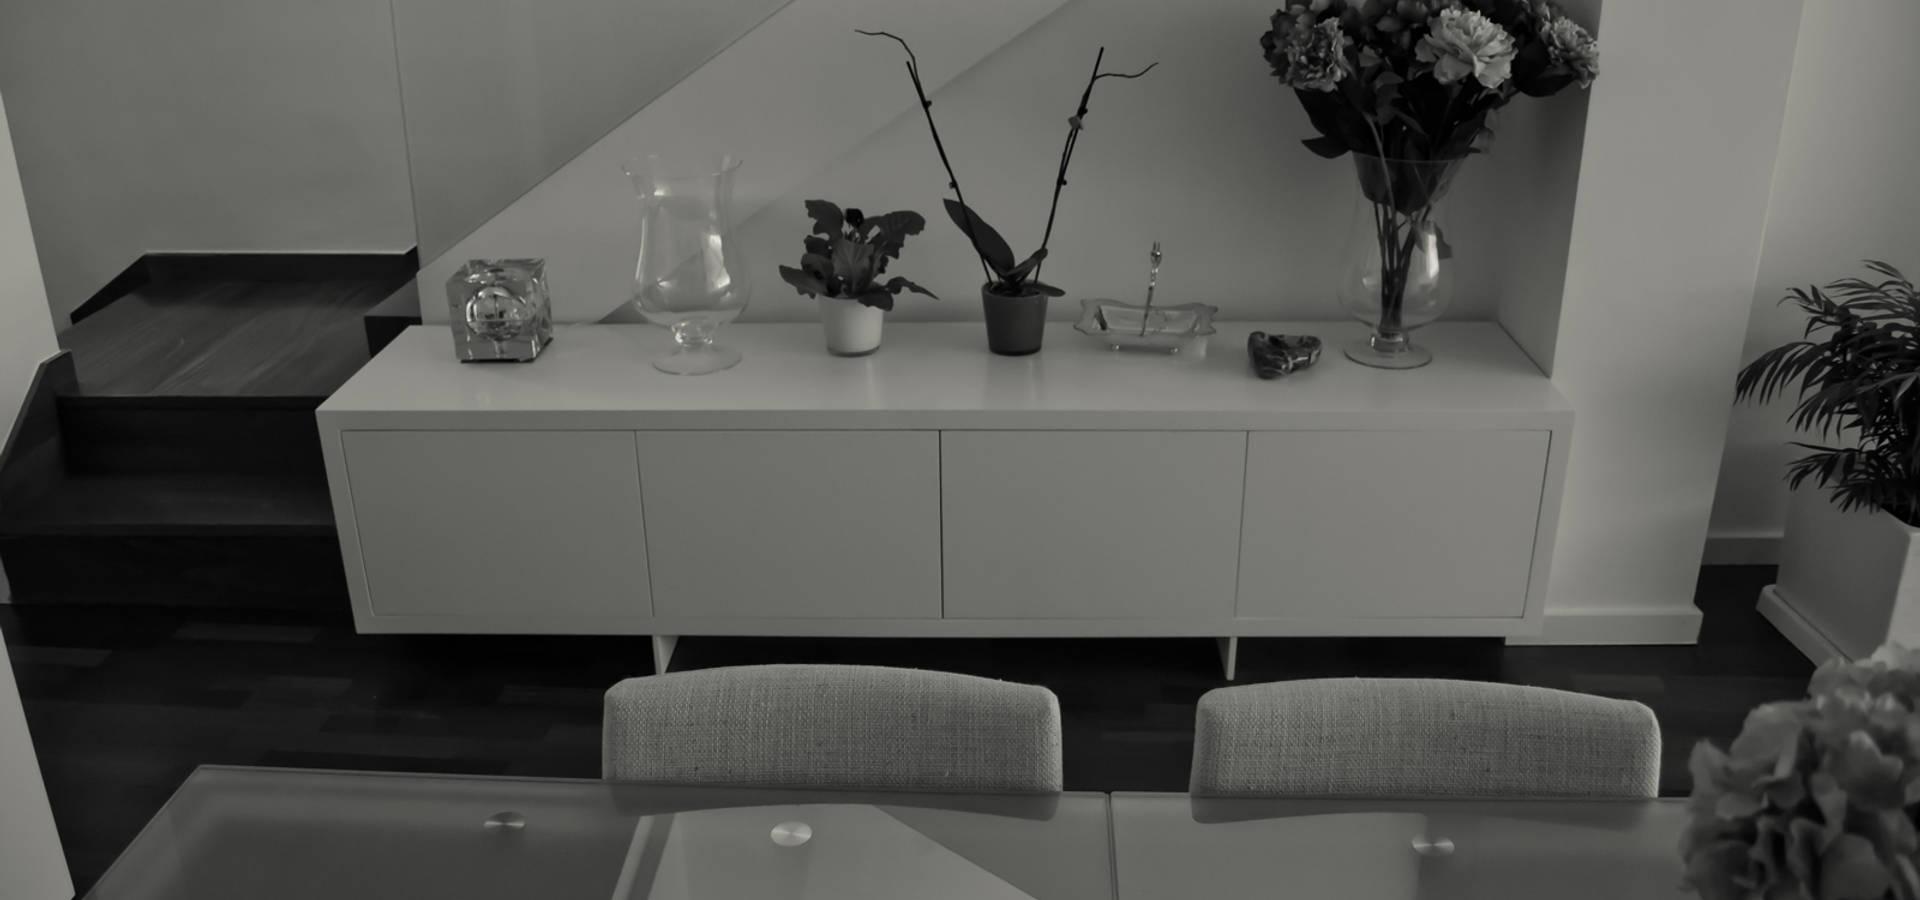 Acero puro decoradores y dise adores de interiores en - Decoradores en sevilla ...